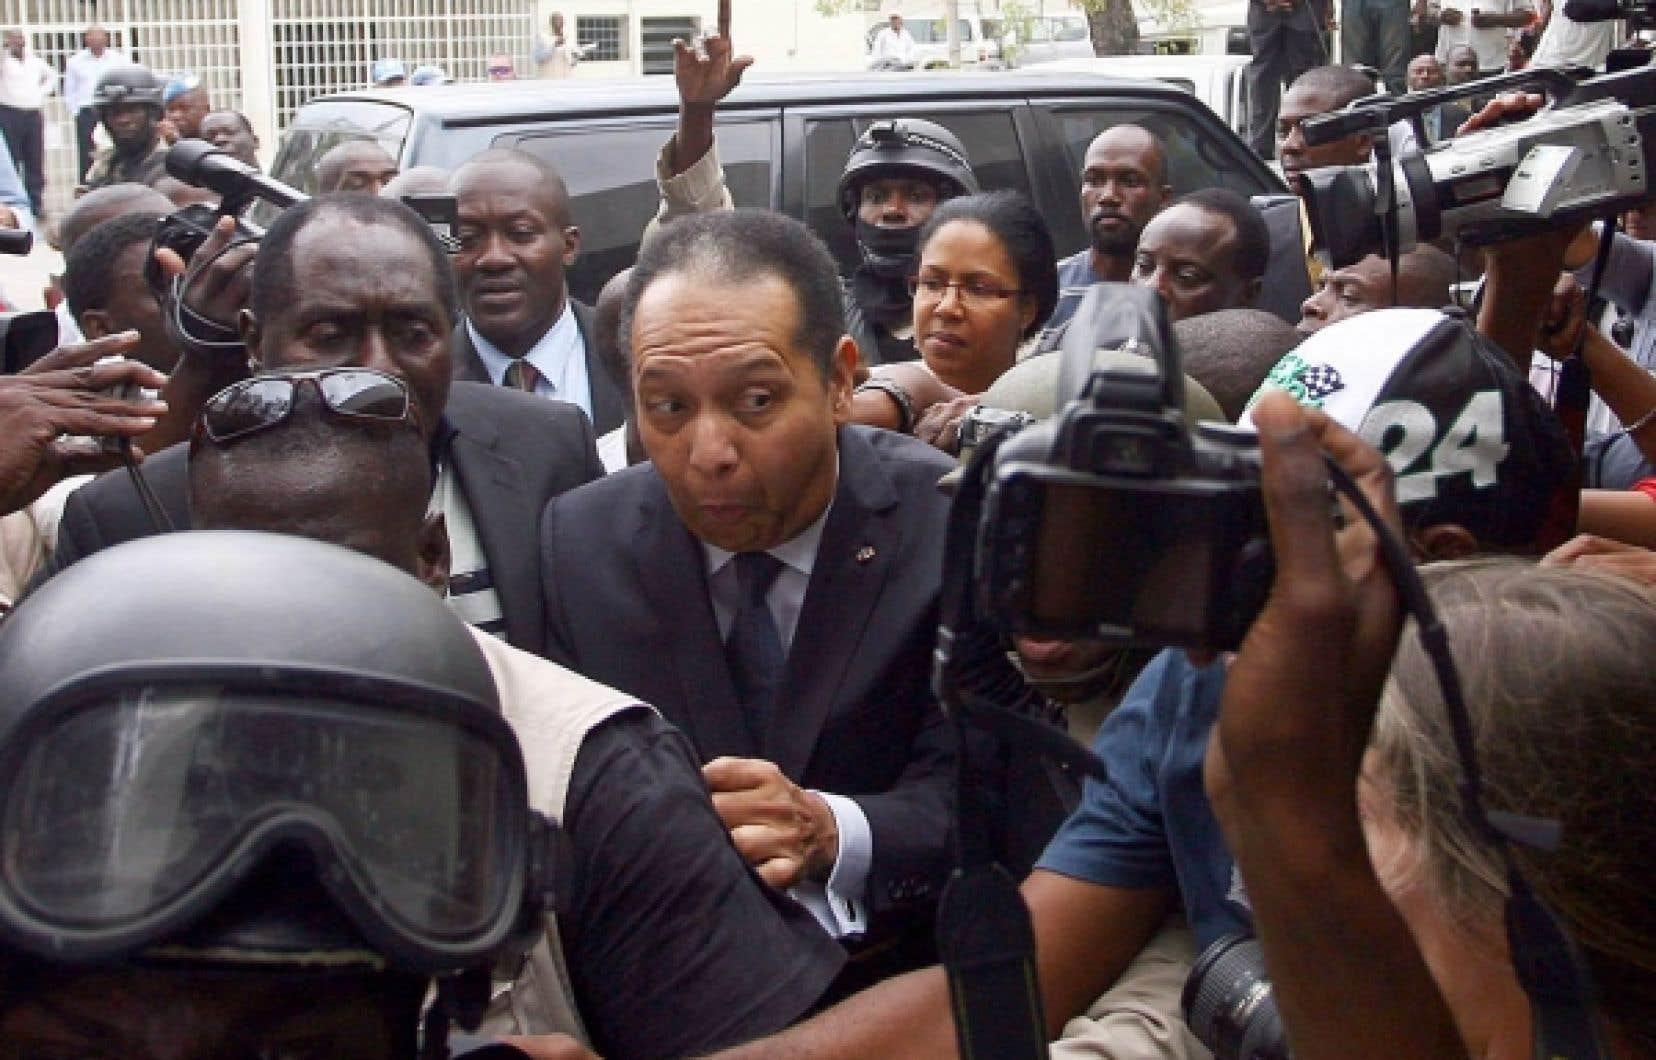 Jean-Claude Duvalier entouré de policiers, de gardes du corps et journalistes lors de son arrivée au parquet de Port-au-Prince, hier. Son cas est maintenant entre les mains d'un juge d'instruction. En attendant, l'ancien dictateur est libre.<br />